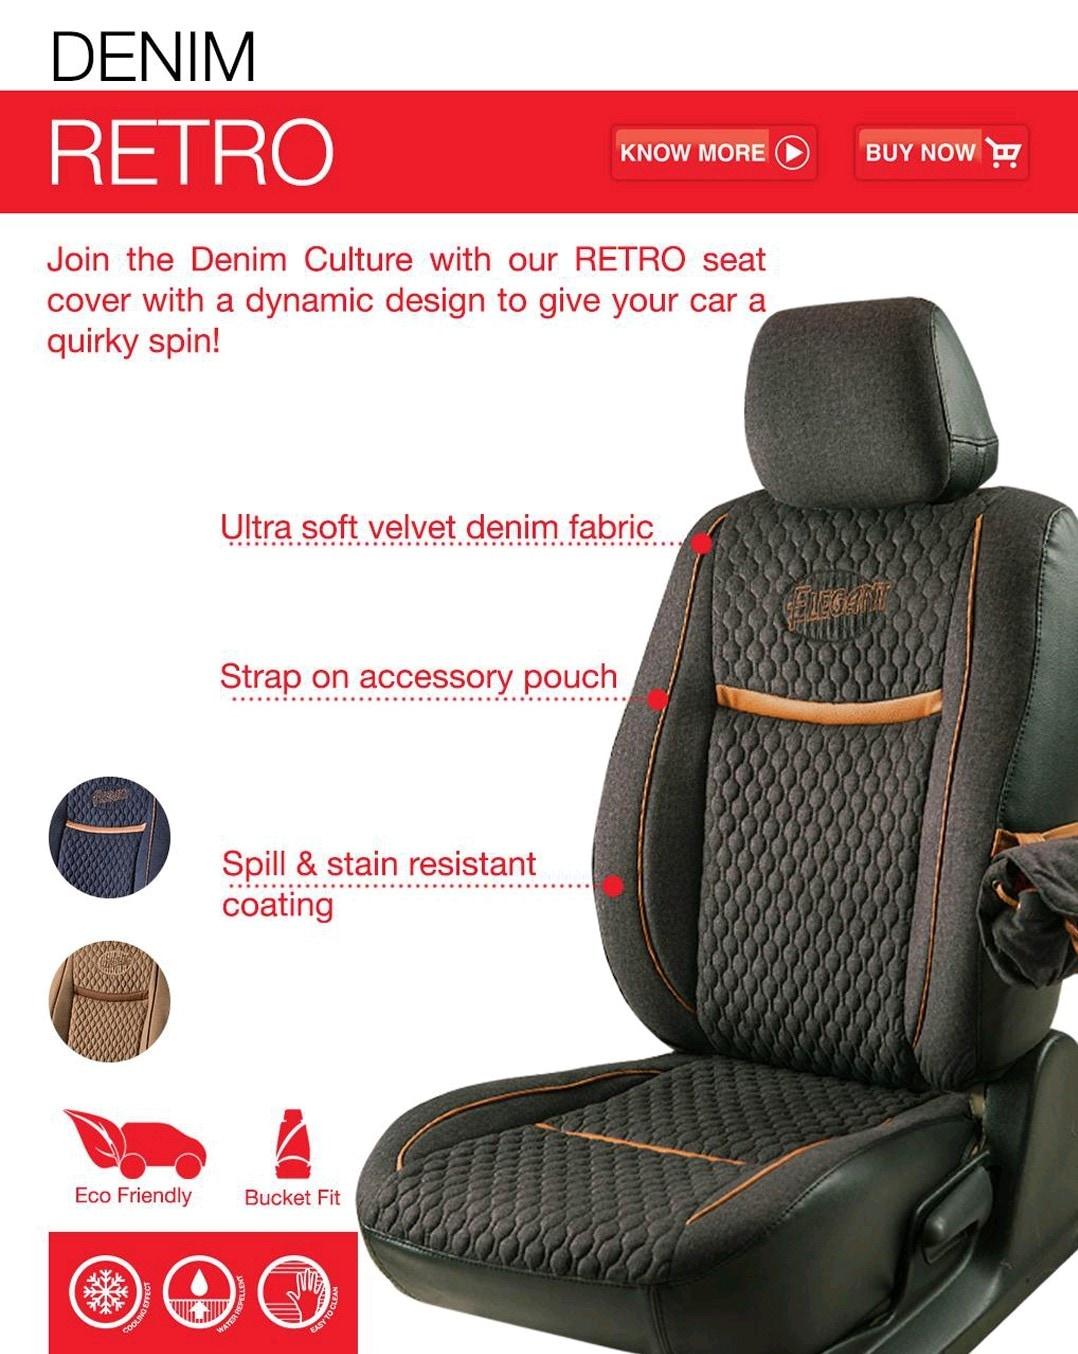 Elegant Fabric Seat Cover Baleno 15 Denim Retro BLK